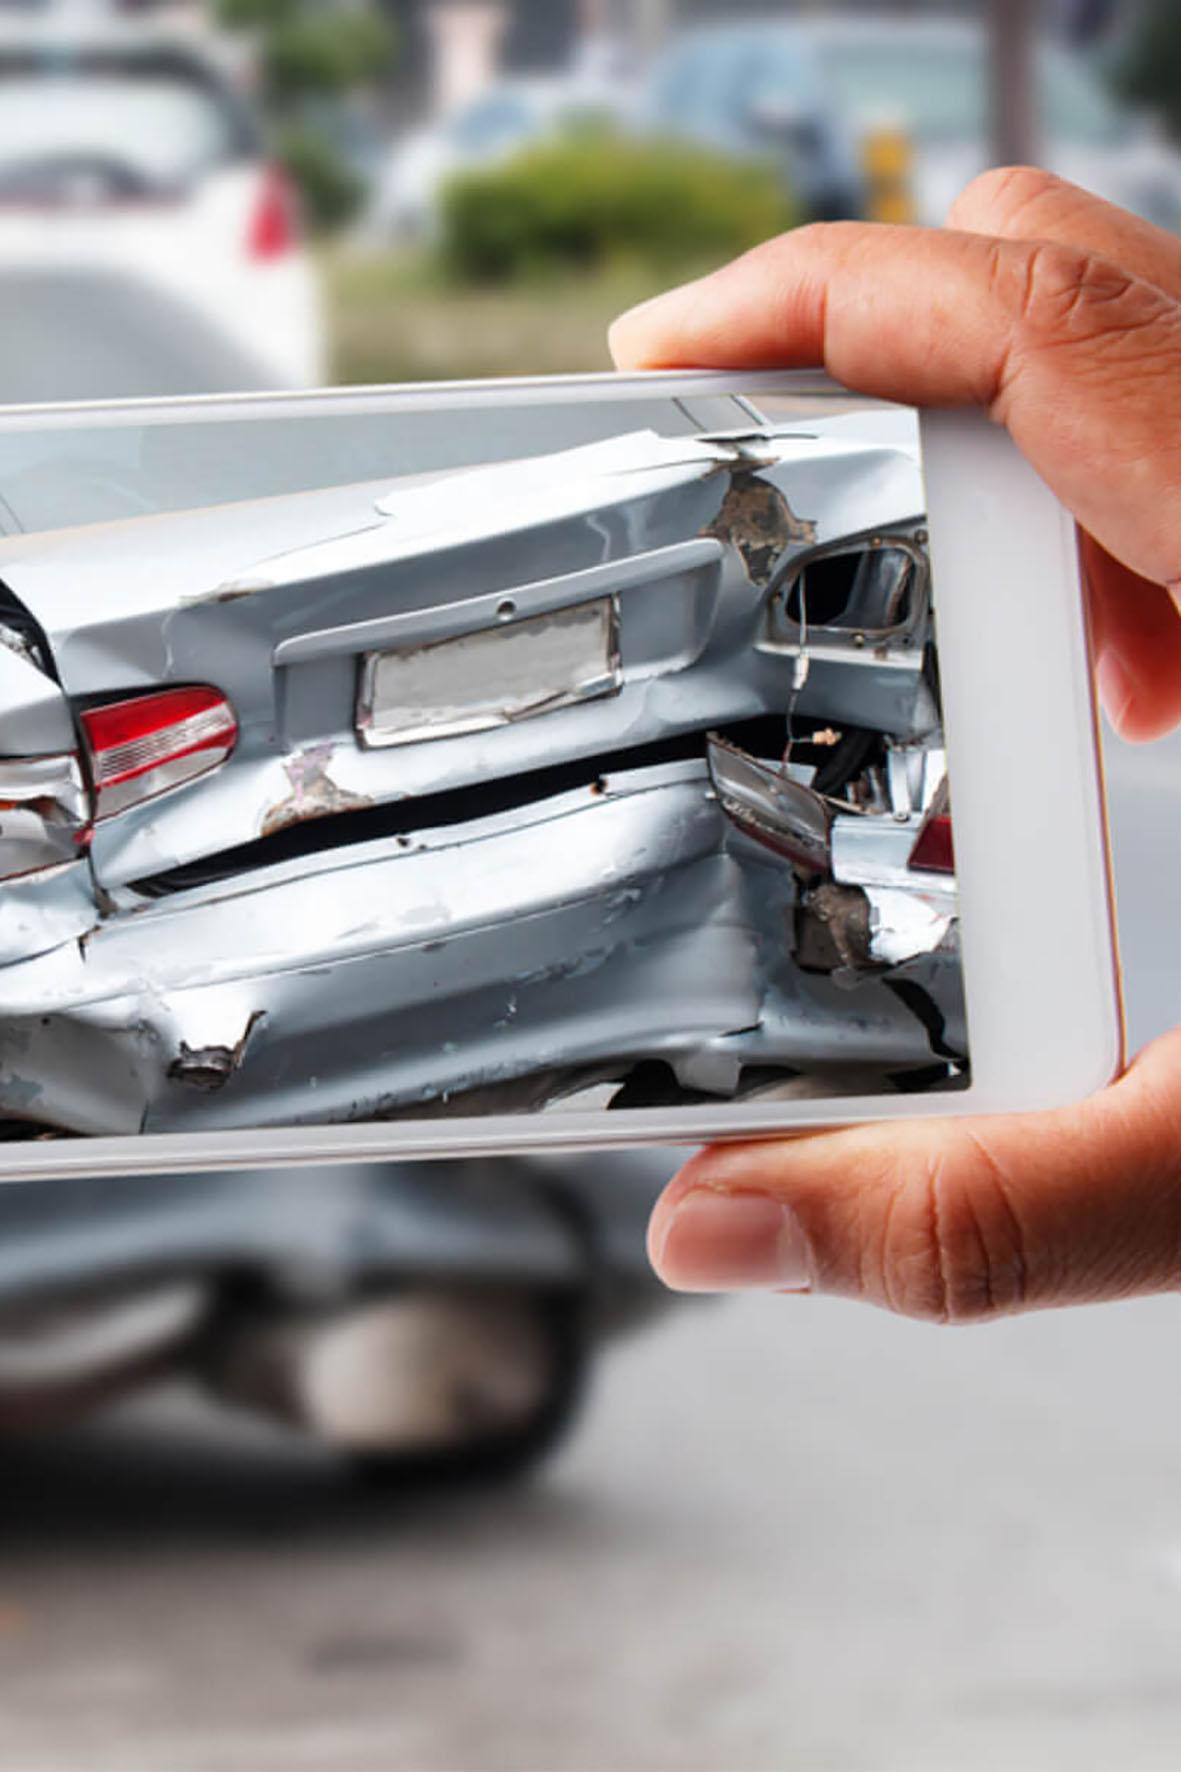 2017 wurde die Rekordzahl von 2,6 Millionen Unfällen in Deutschland registriert, bei 2,3 Millionen Zusammenstößen blieb es zum Glück bei Sachschäden - direkt nach dem Crash